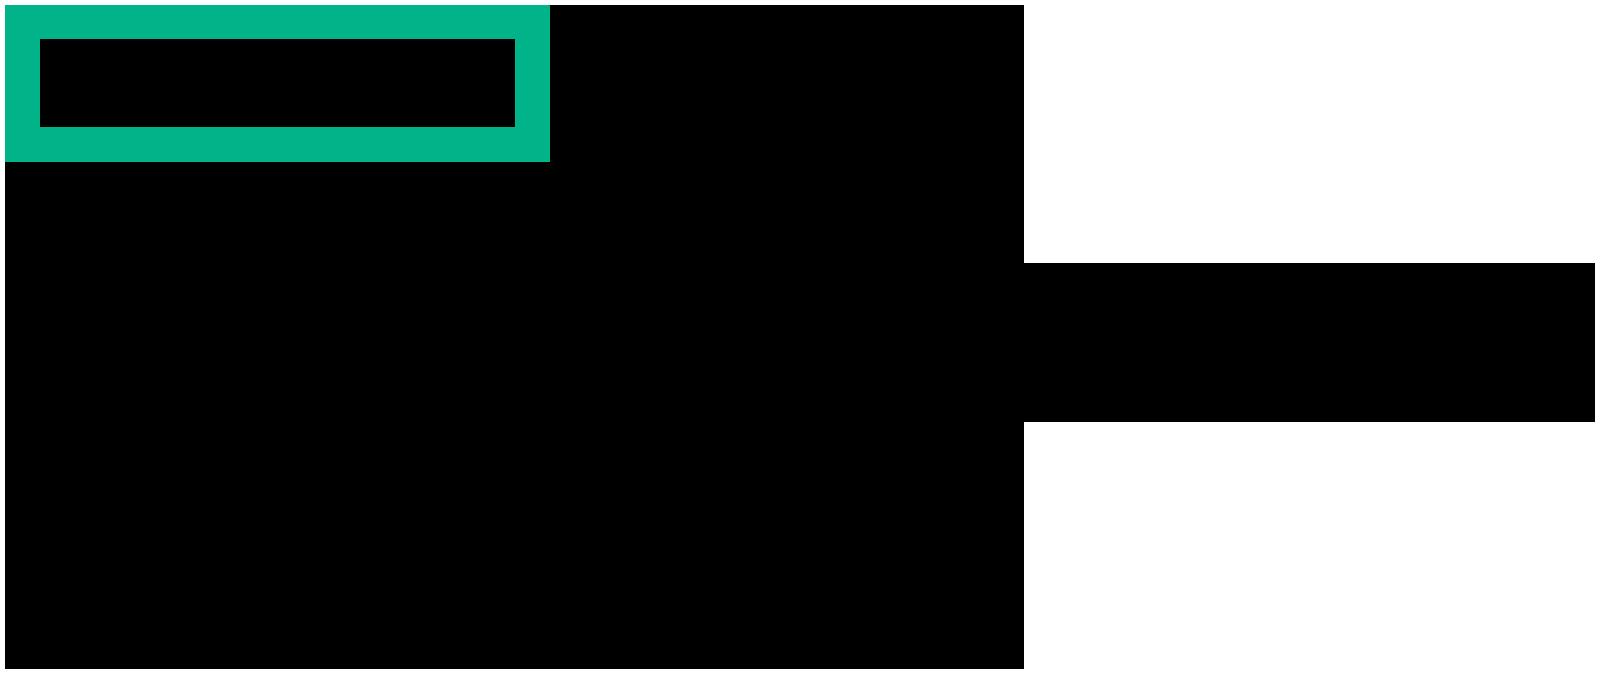 HPE Logo Large